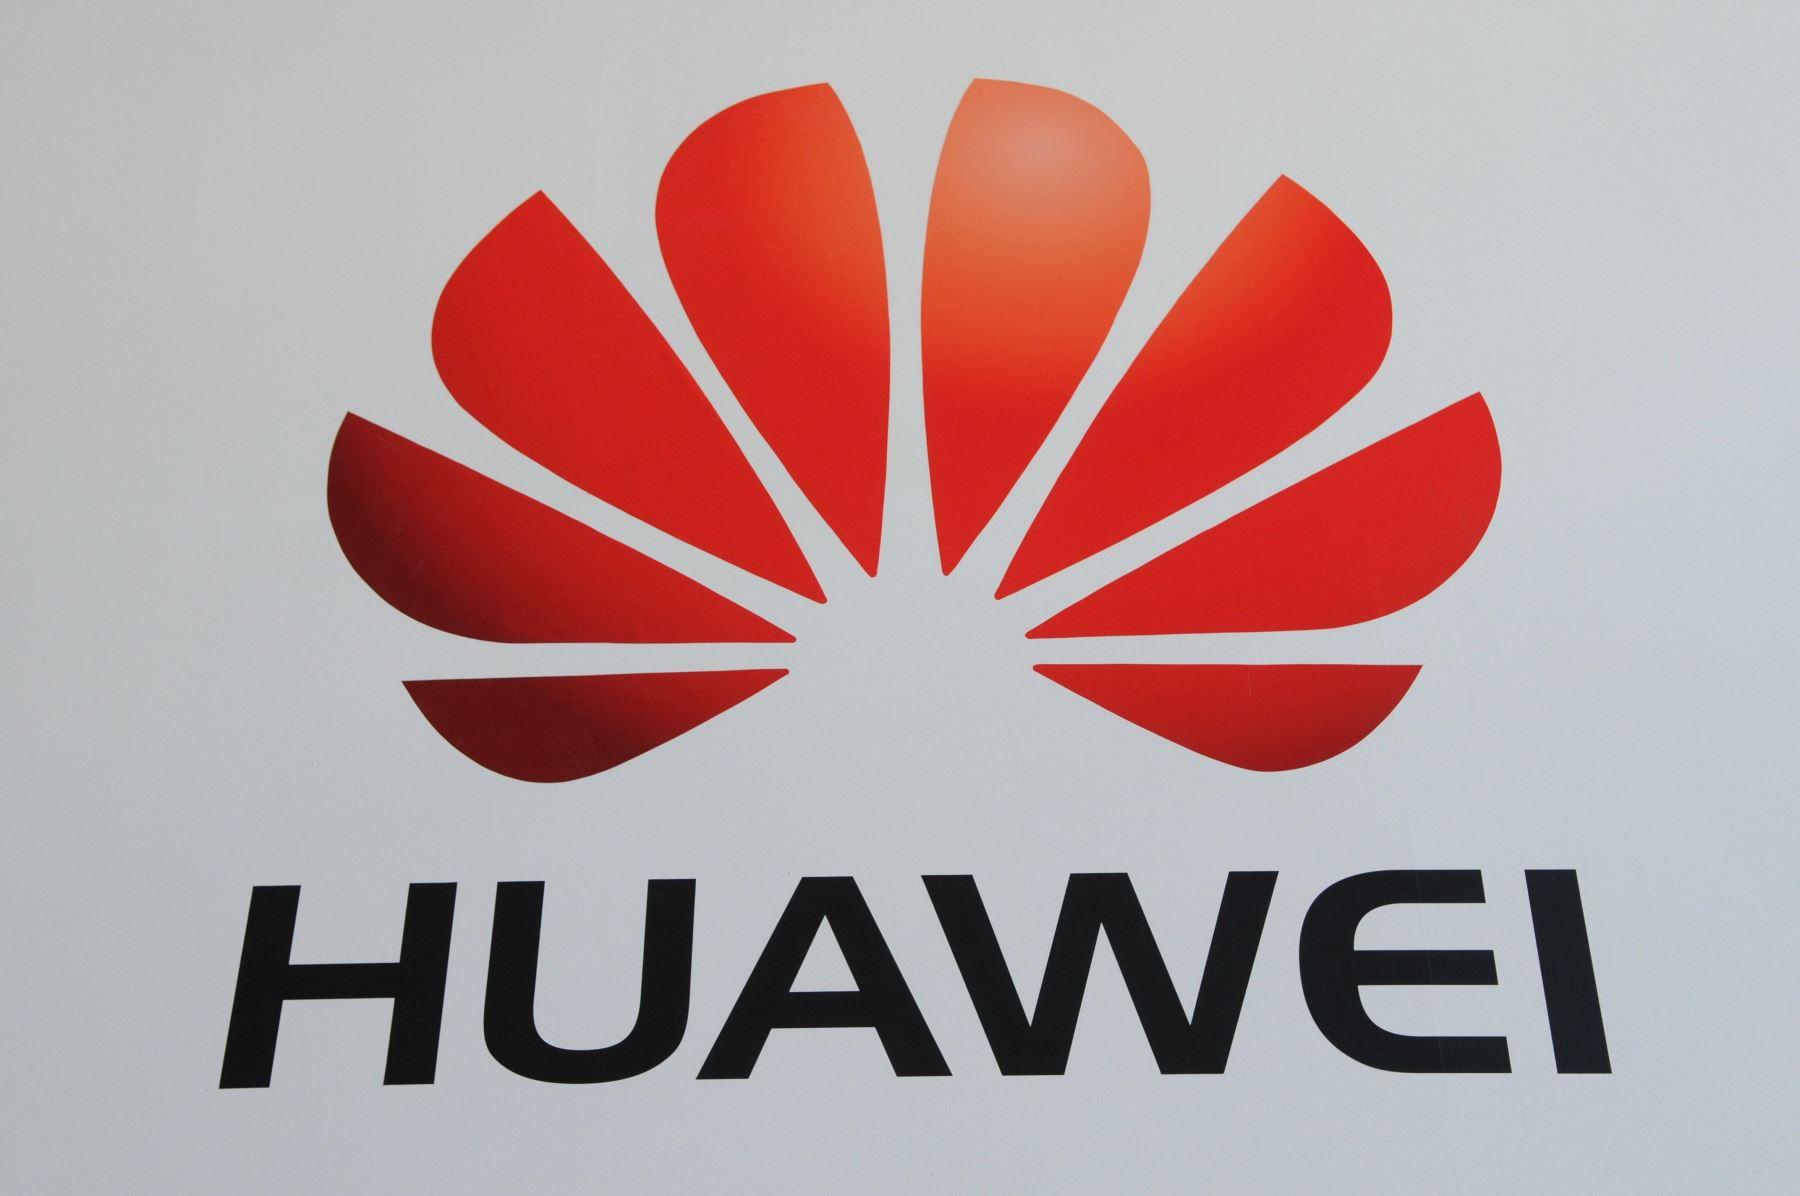 Imagen de archivo realizada el 6 de marzo de 2012 que muestra el logotipo de la compañía china de electrónica Huawei en la feria de comercio CeBit de Hanover (Alemania). Las principales empresas tecnológicas de Estados Unidos, entre ellas Google, dejar de vender componentes y software al gigante chino de las telecomunicaciones Huawei, en repuesta a la directiva dada la semana pasada por el presidente del paÌs, Donald Trump. Foto: EFE